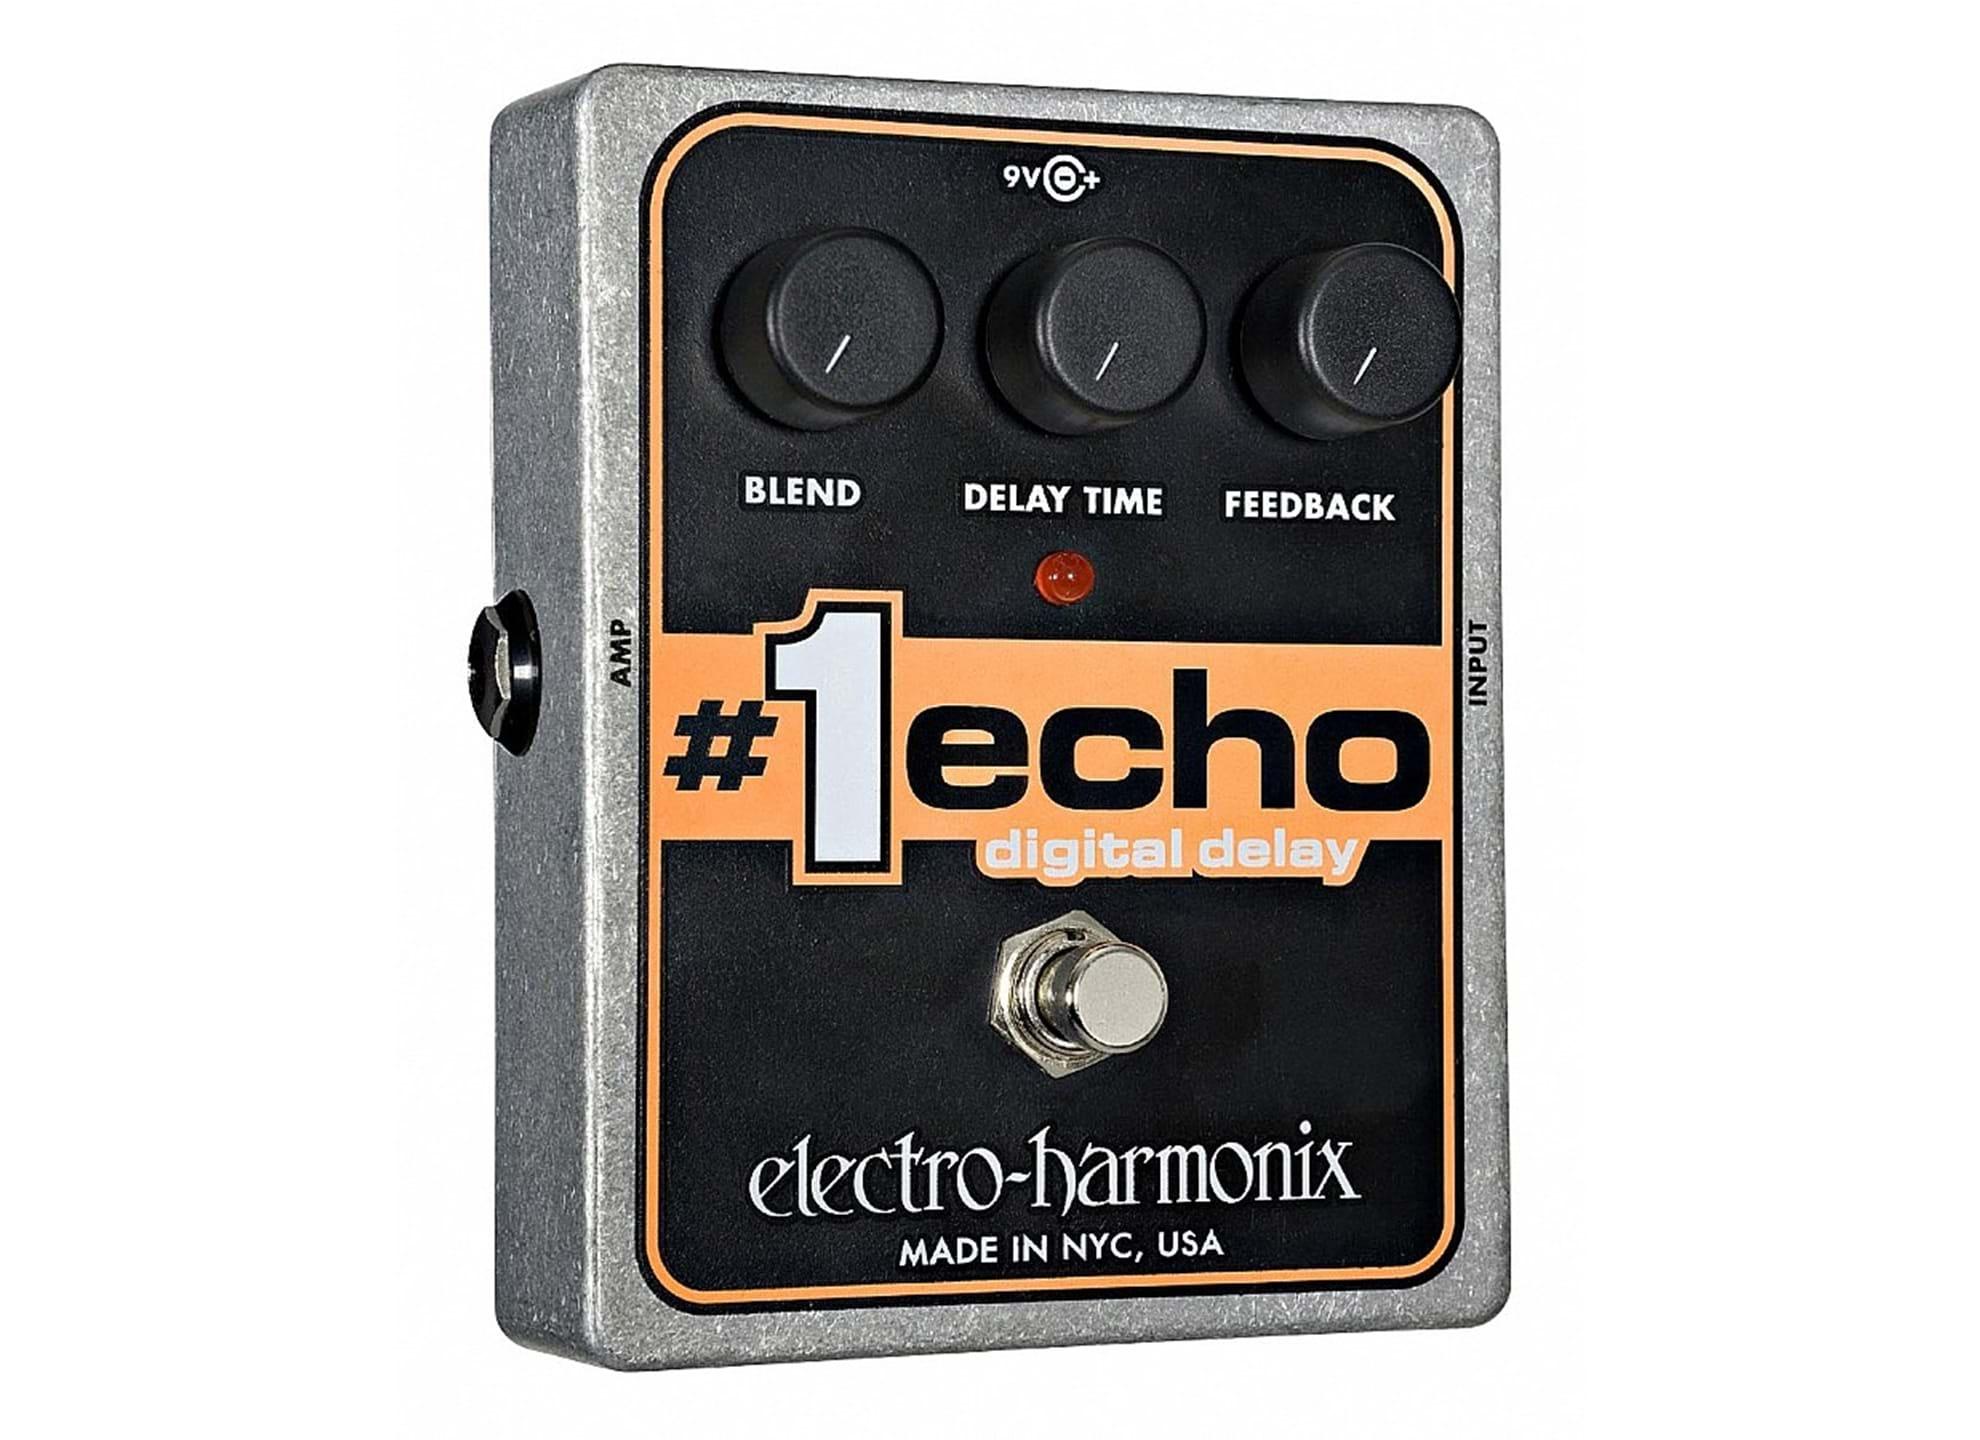 No.1 Echo